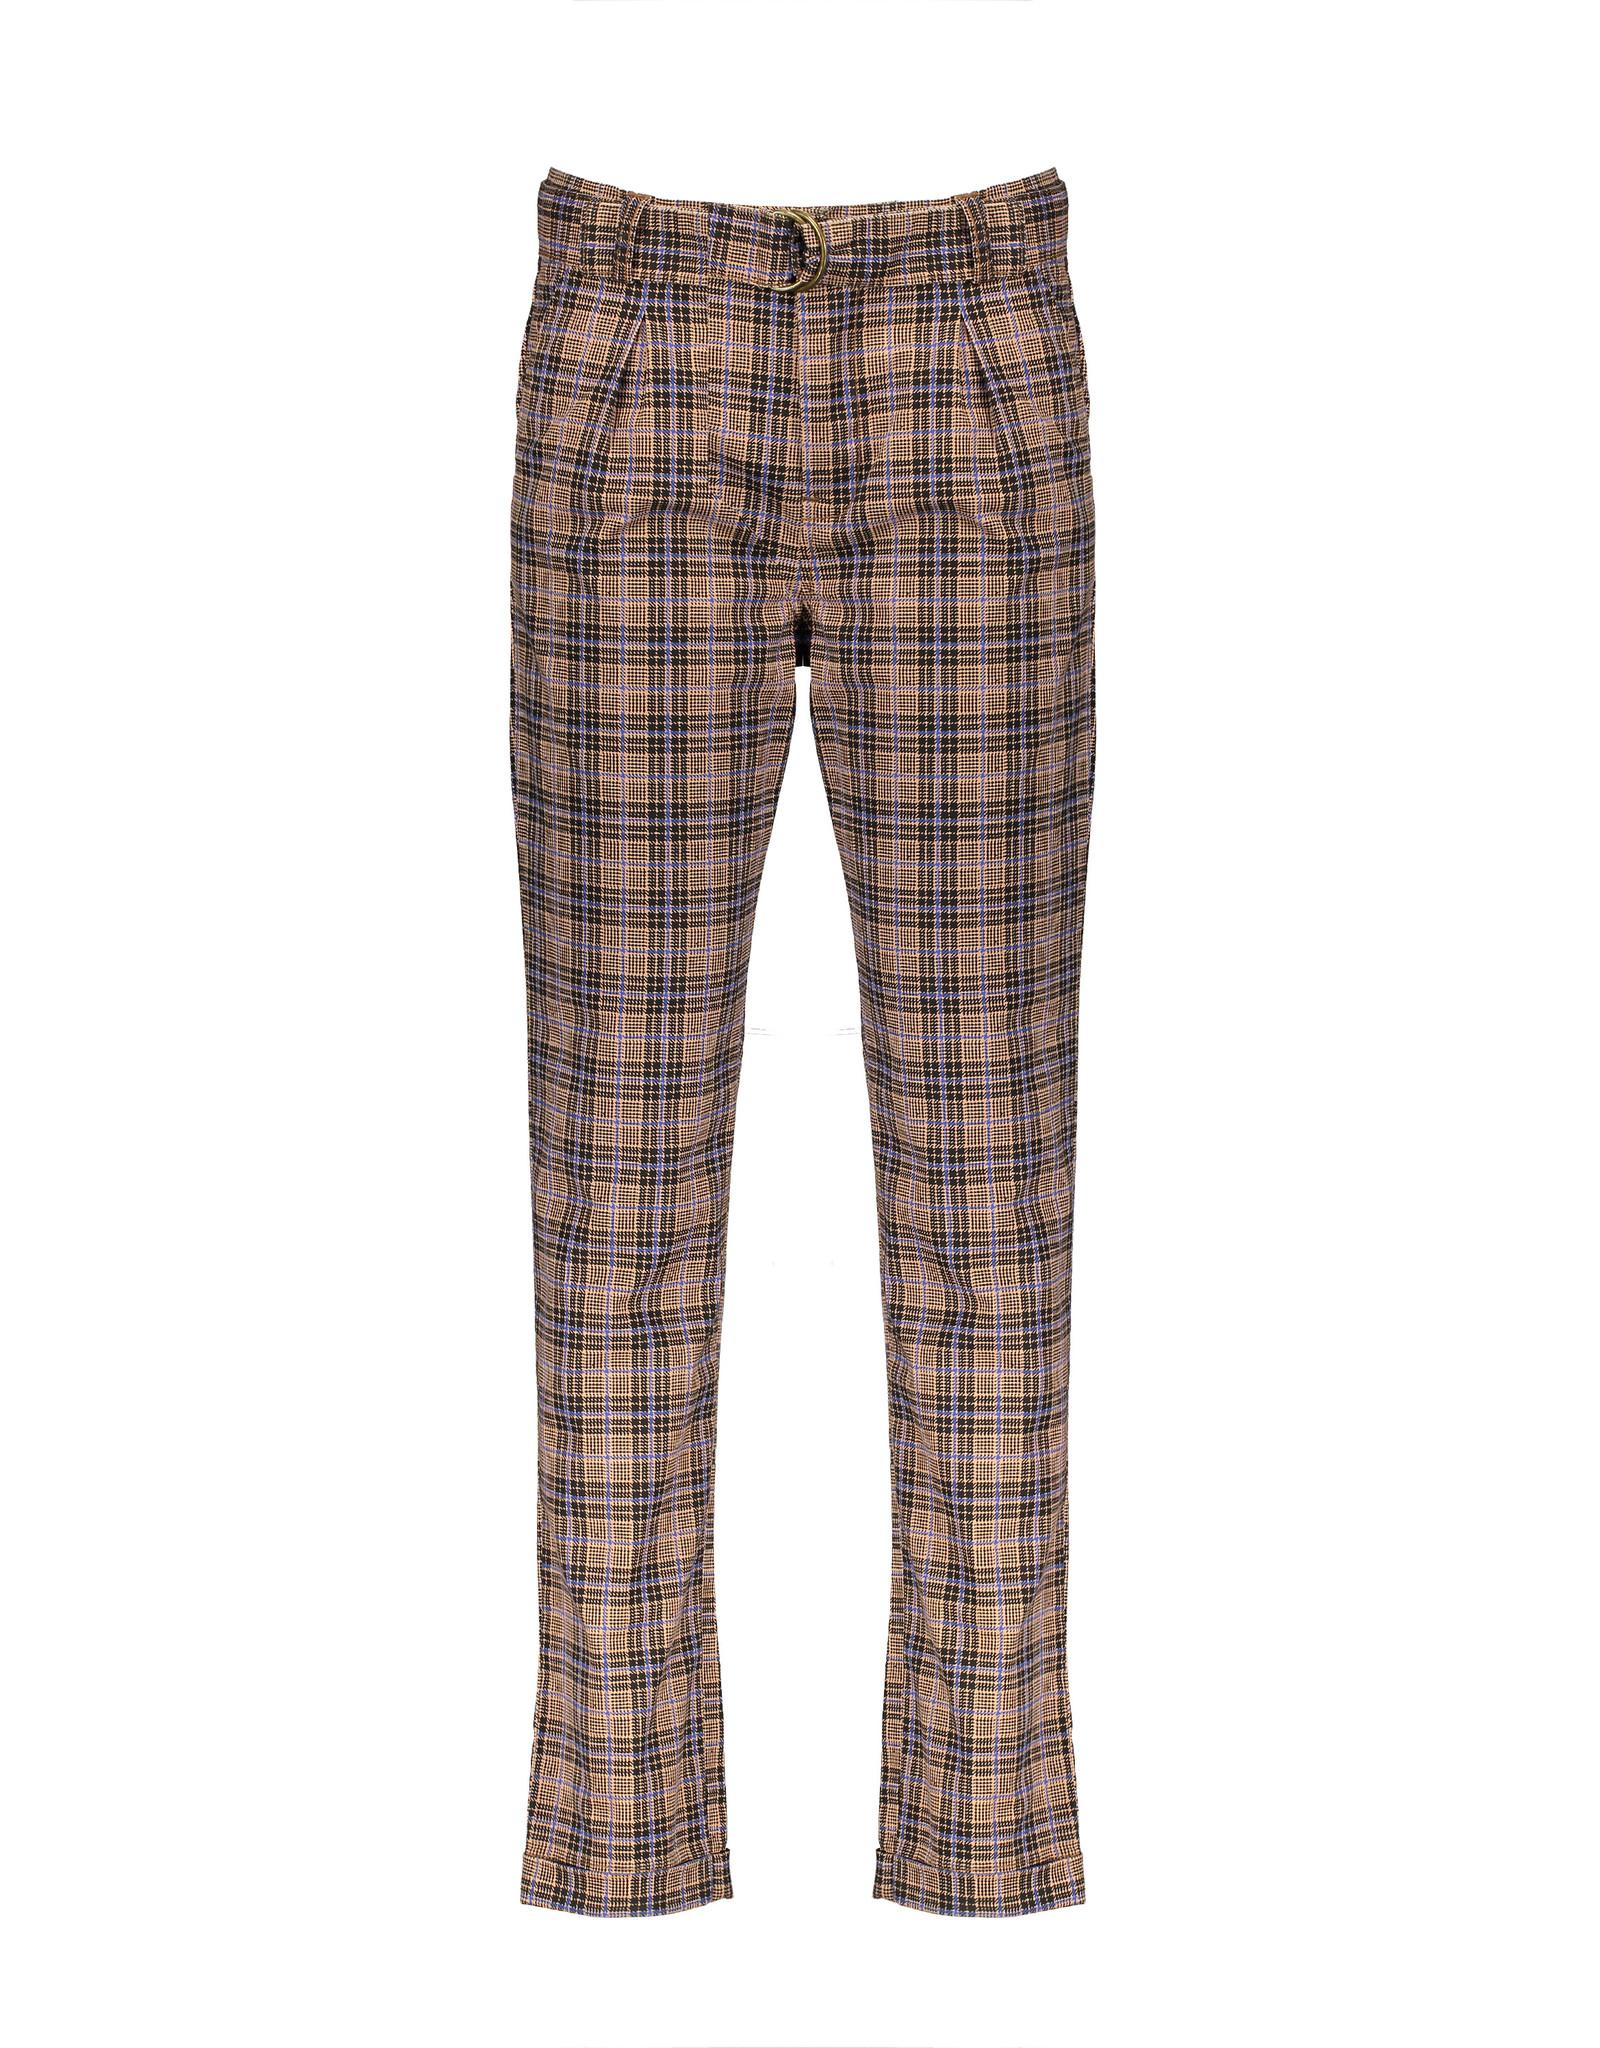 NoBell NoBell Sylver Printed Check Pants